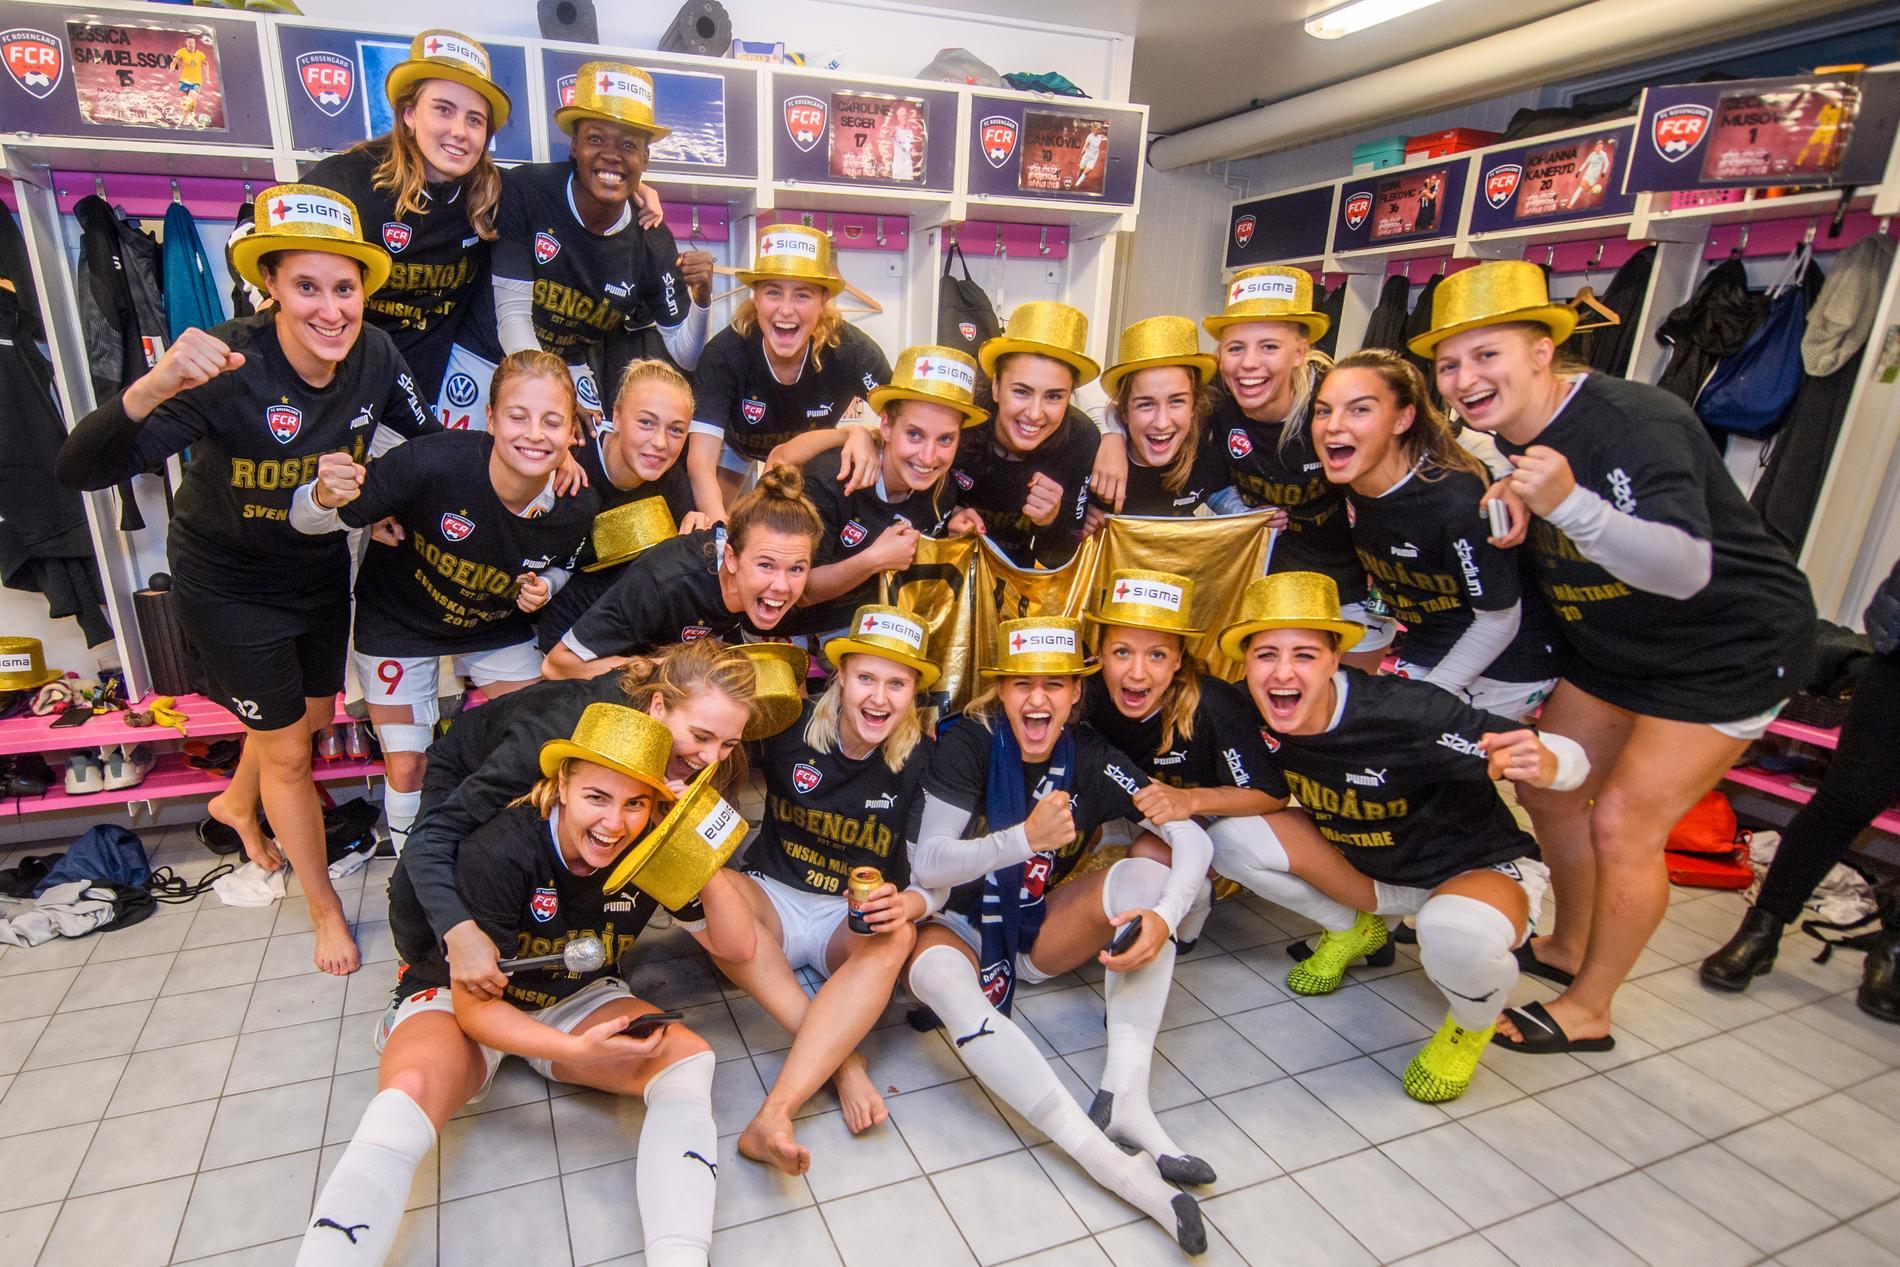 Rosengårds spelare jublar i omklädningsrummet efter att Rosengård säkrat SM-guldet 2019.